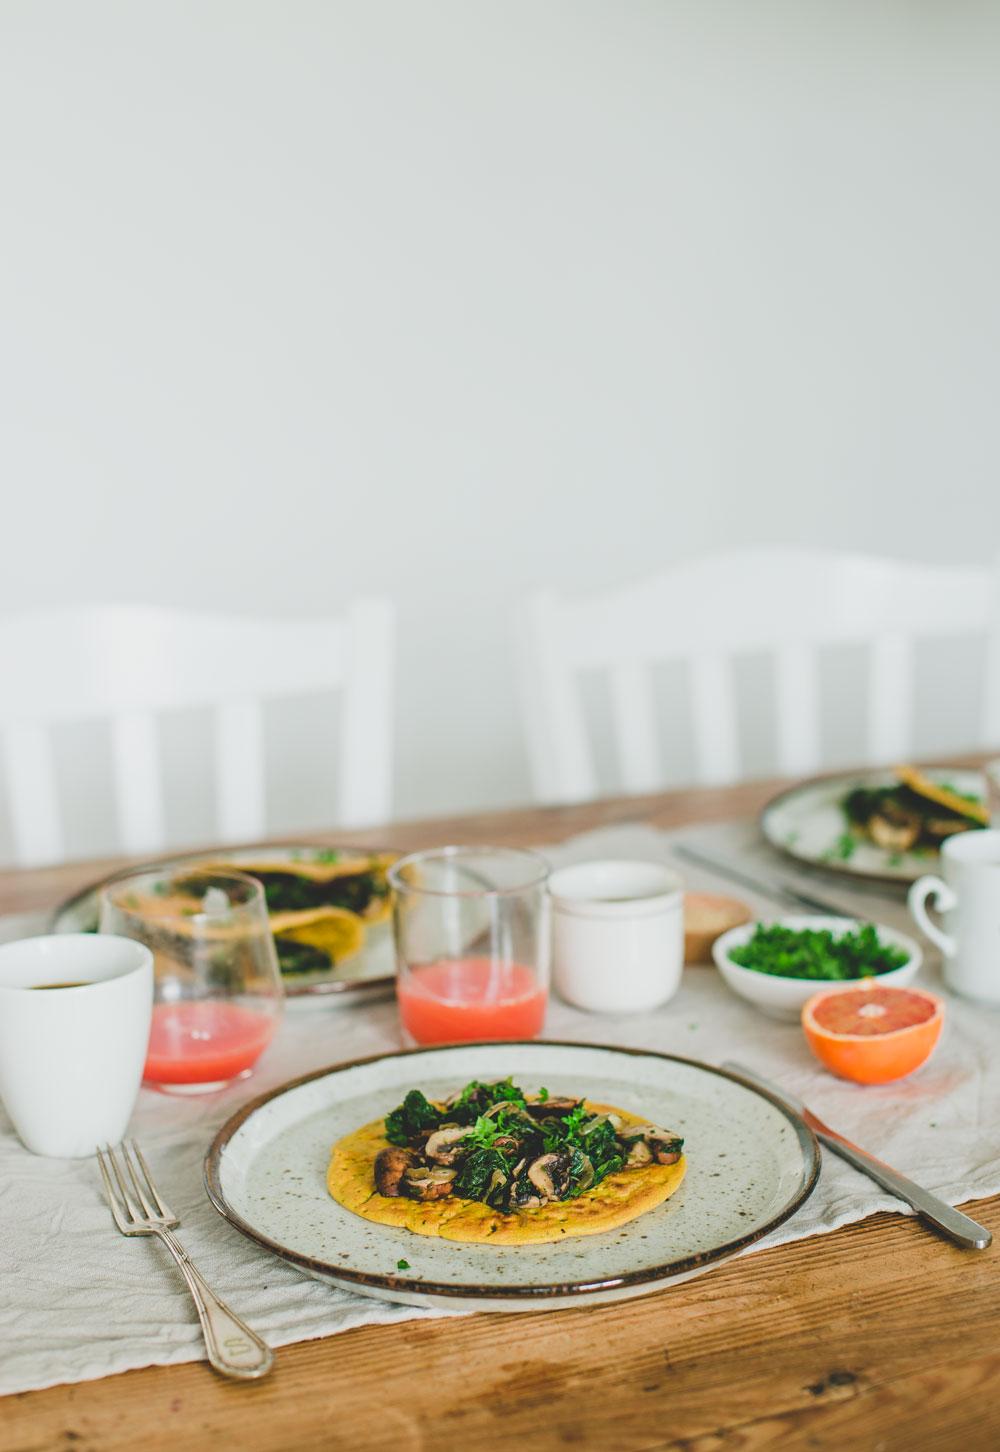 Vegan Omelet met spinazie champignon vulling. Super simpel en lekker!